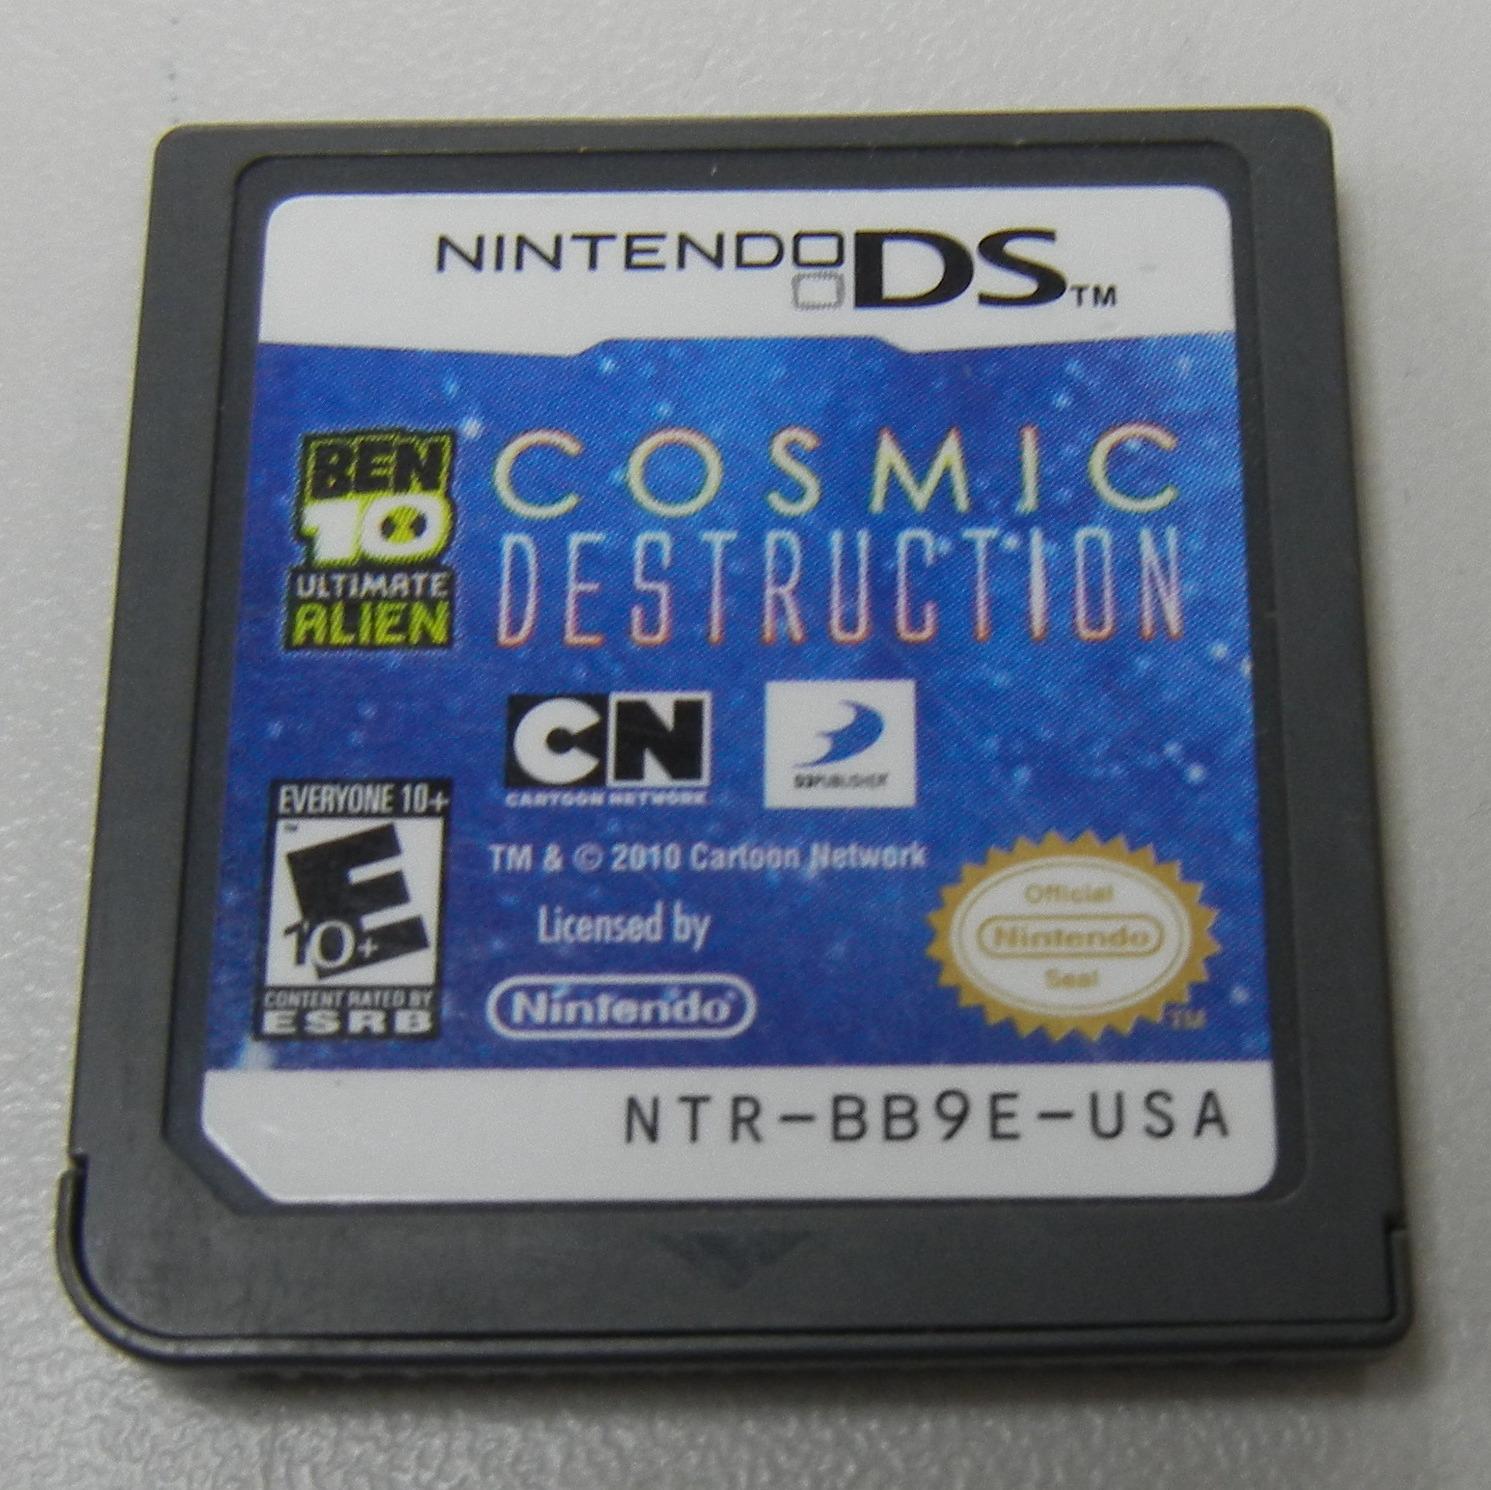 Ben 10: Ultimate Alien Cosmic Destruction  - NINTENDO DS GAME GAMES